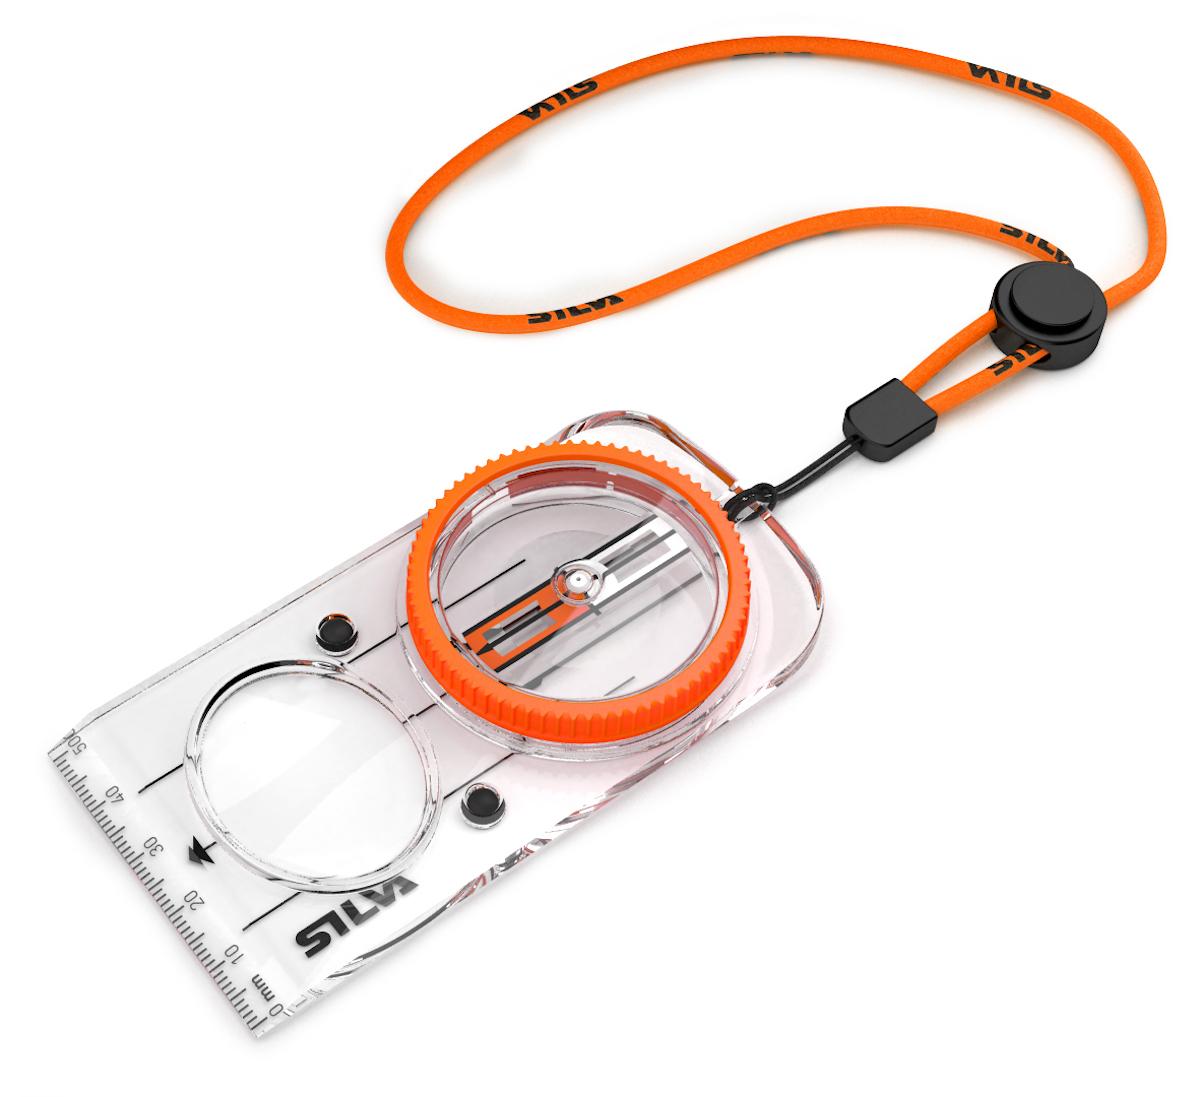 Compasses for navigation